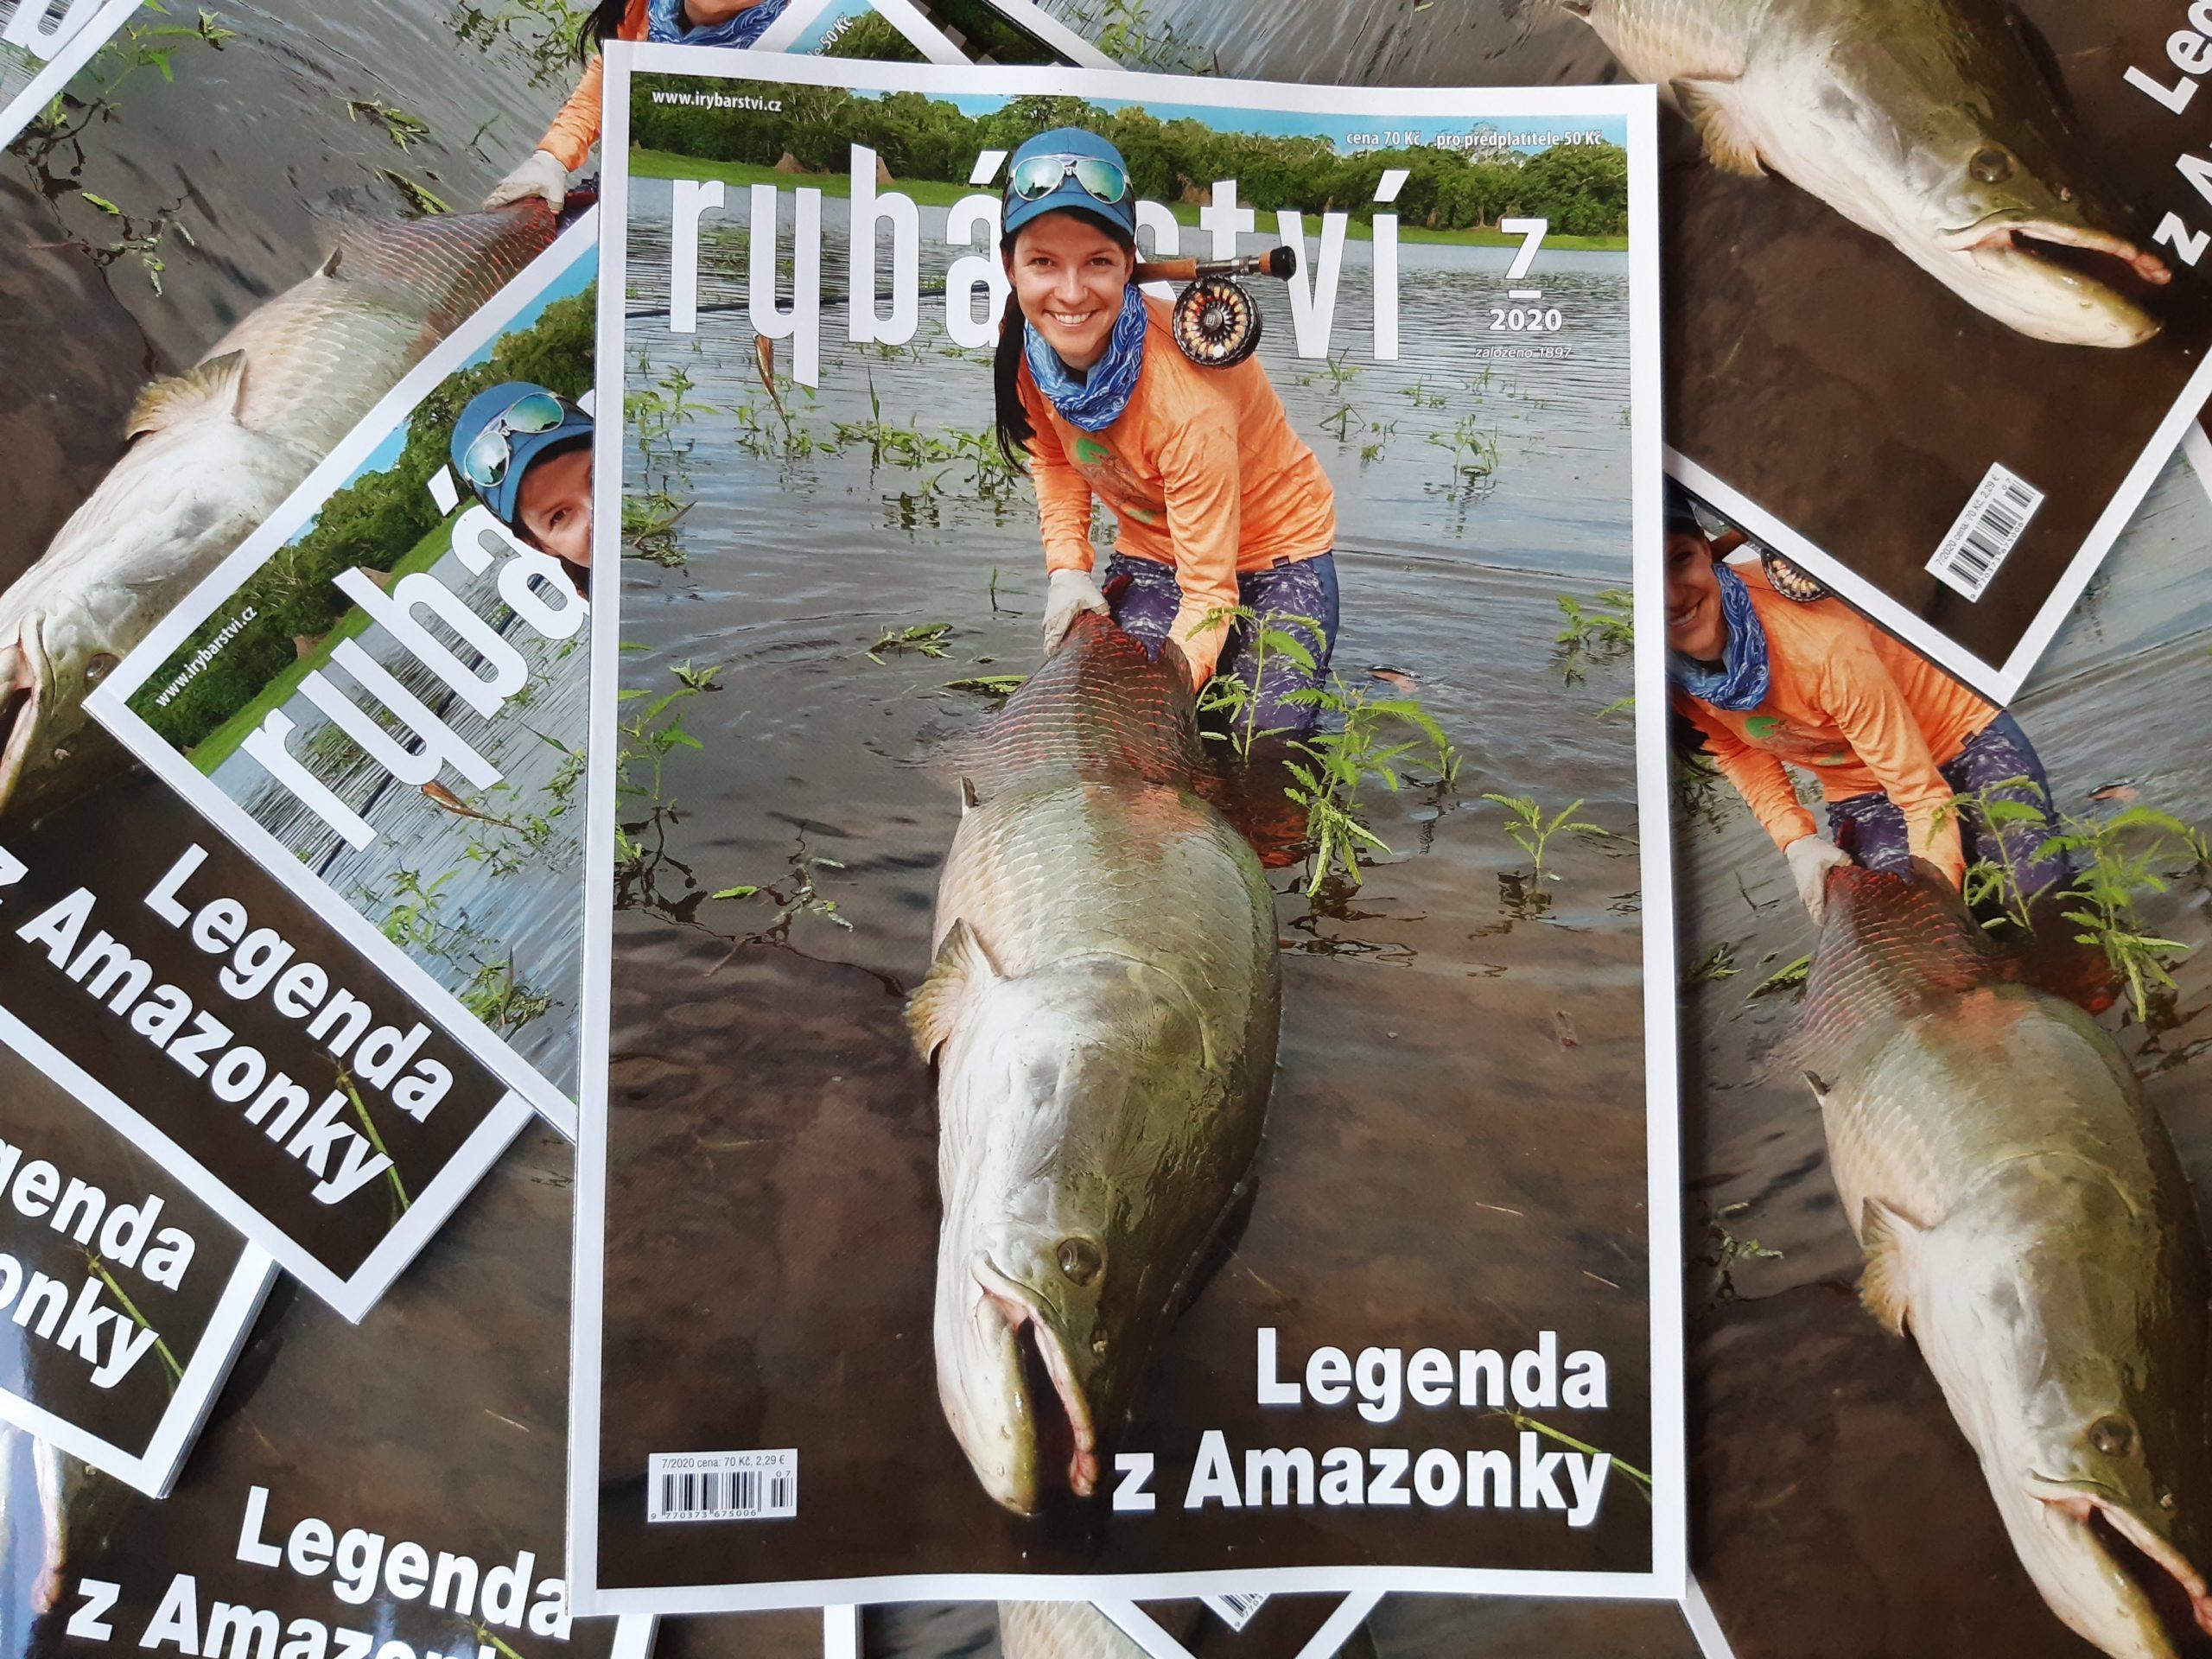 VIDEOUPOUTÁVKA: Problematika pstruhových vod očima hospodáře MRS, umisťování nástrahy pod háček a nejtěžší český kapr. To je červencové Rybářství